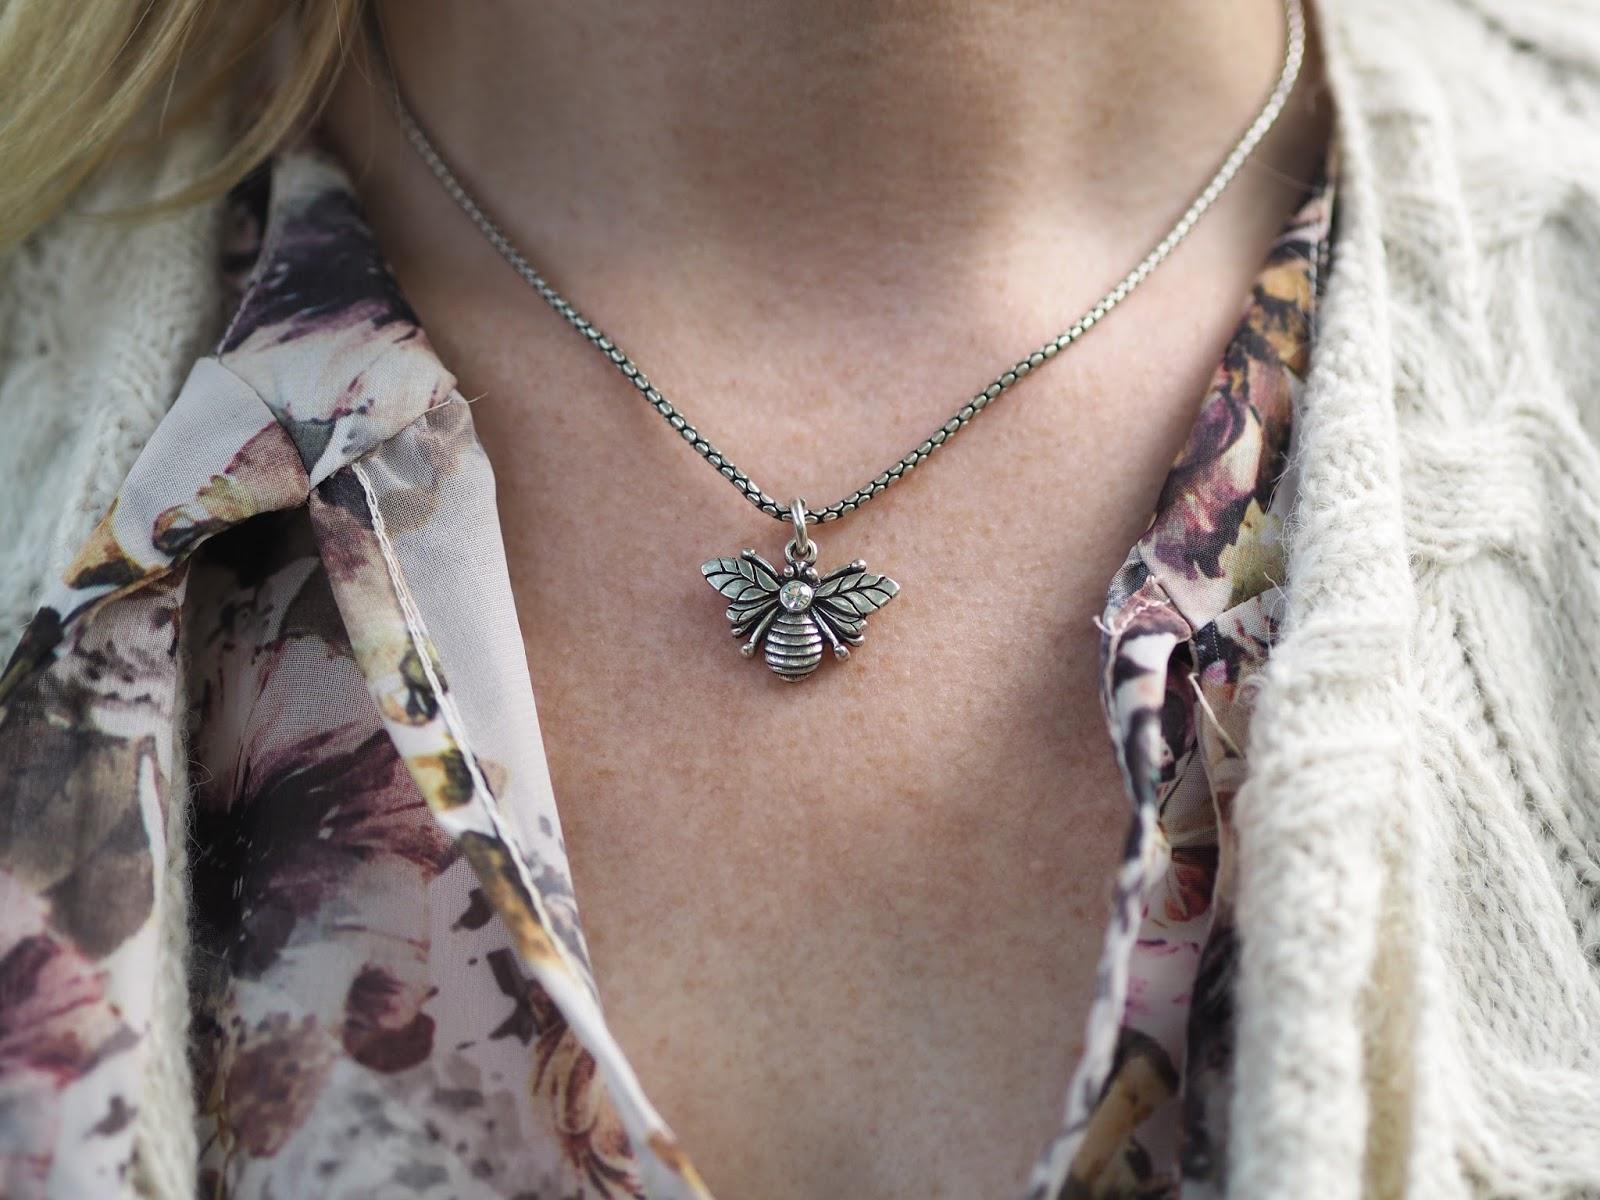 Danon bee necklace